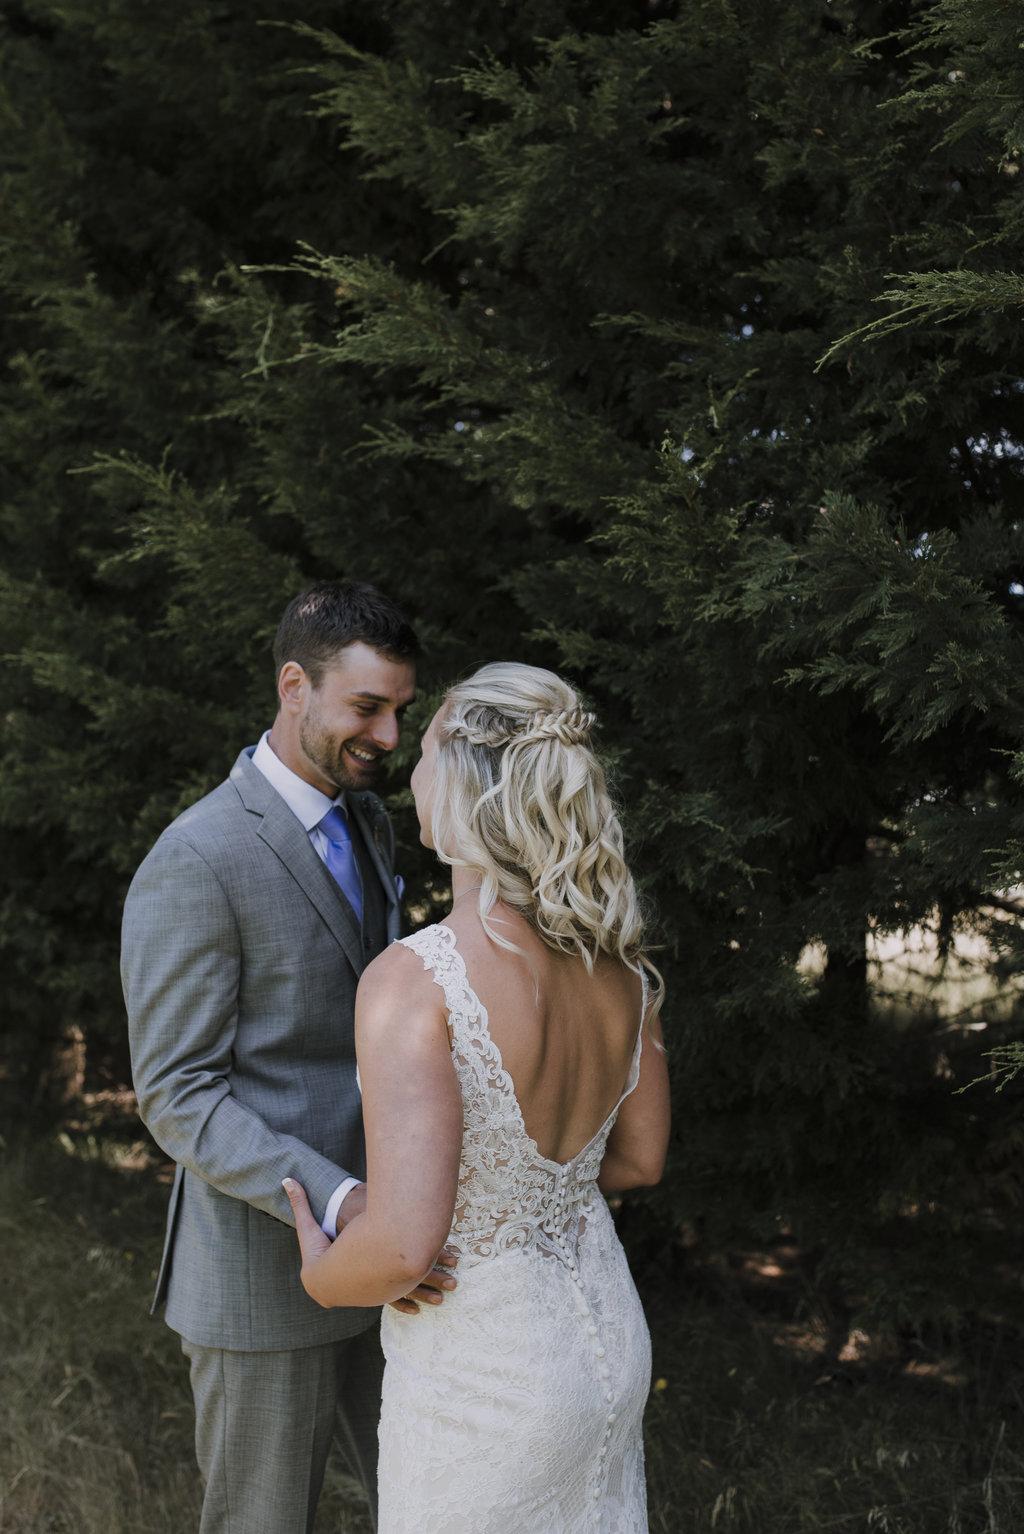 Brody&Sarah_FirstLook-20.jpg